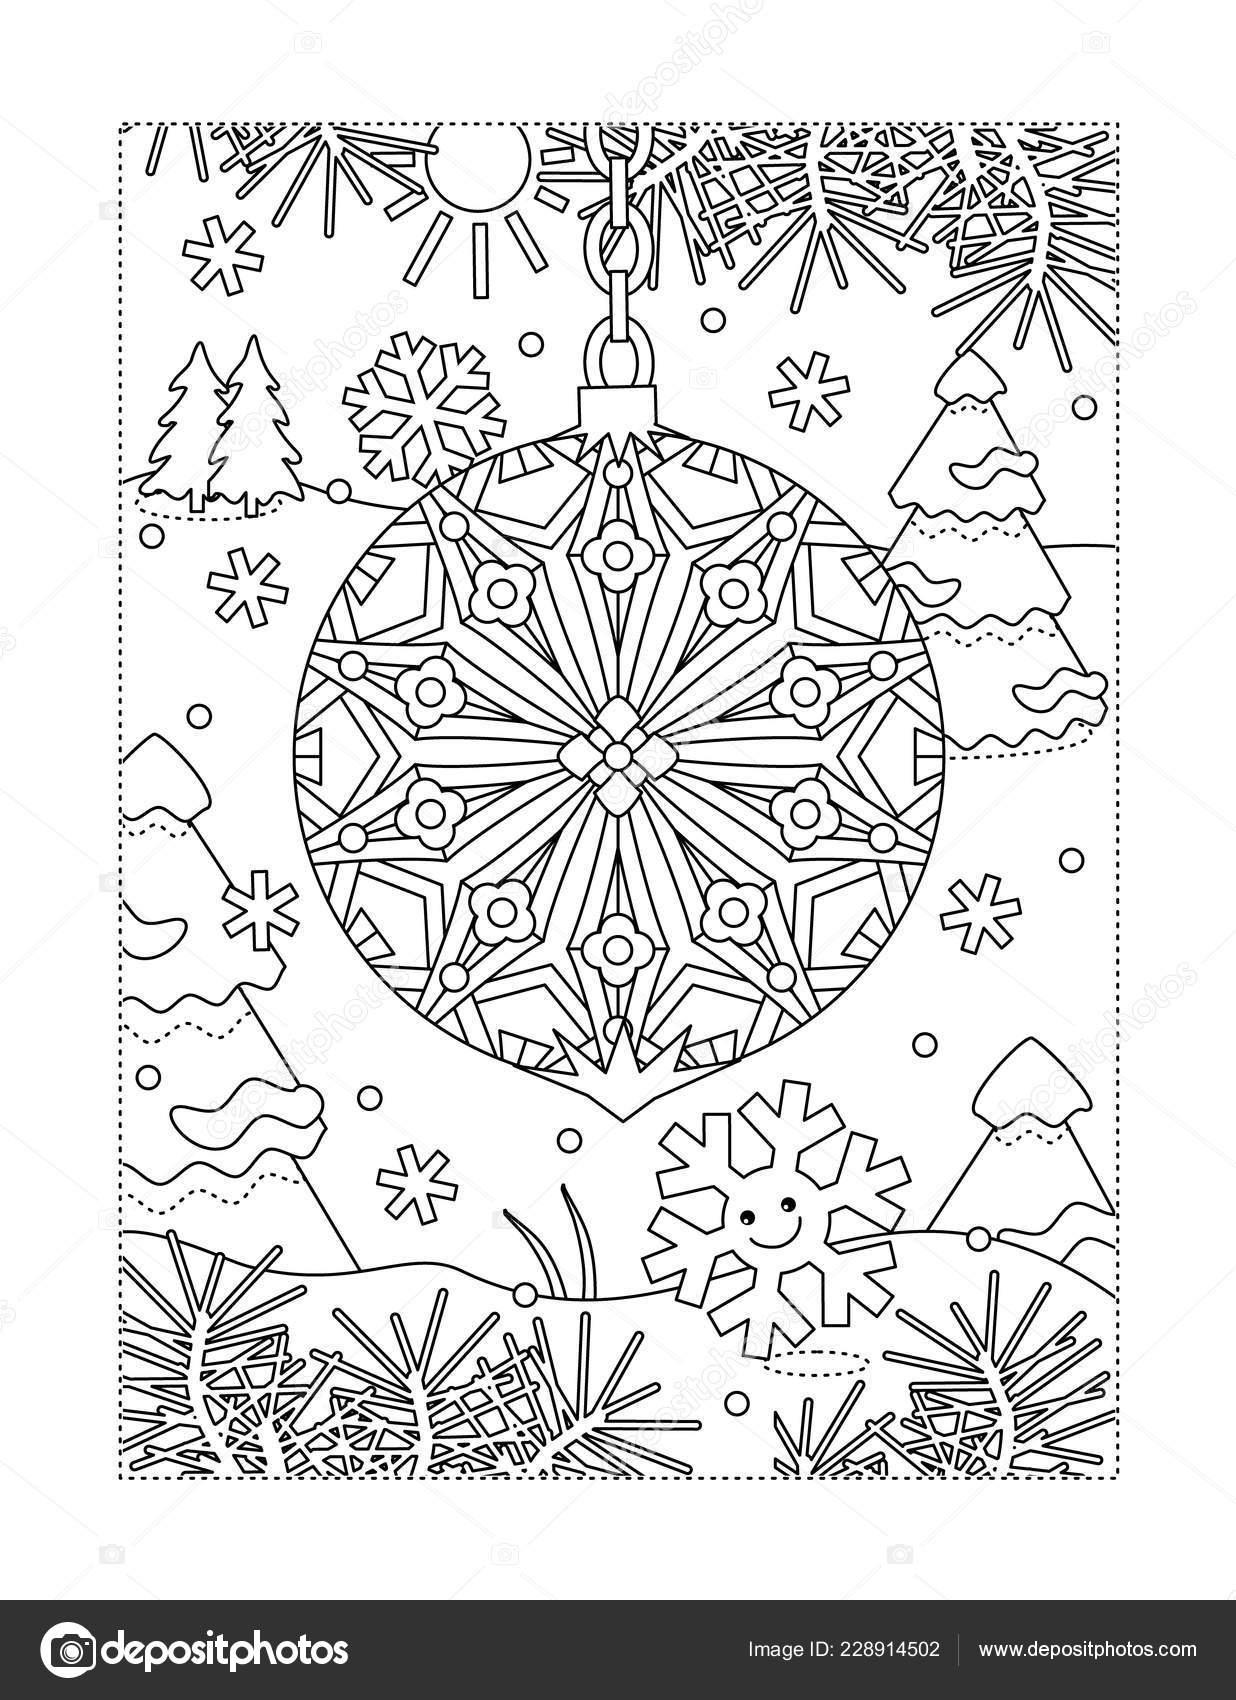 Imagenes De Adornos De Navidad Para Colorear.Invierno Vacaciones Alegria Para Colorear Con Tema Pagina